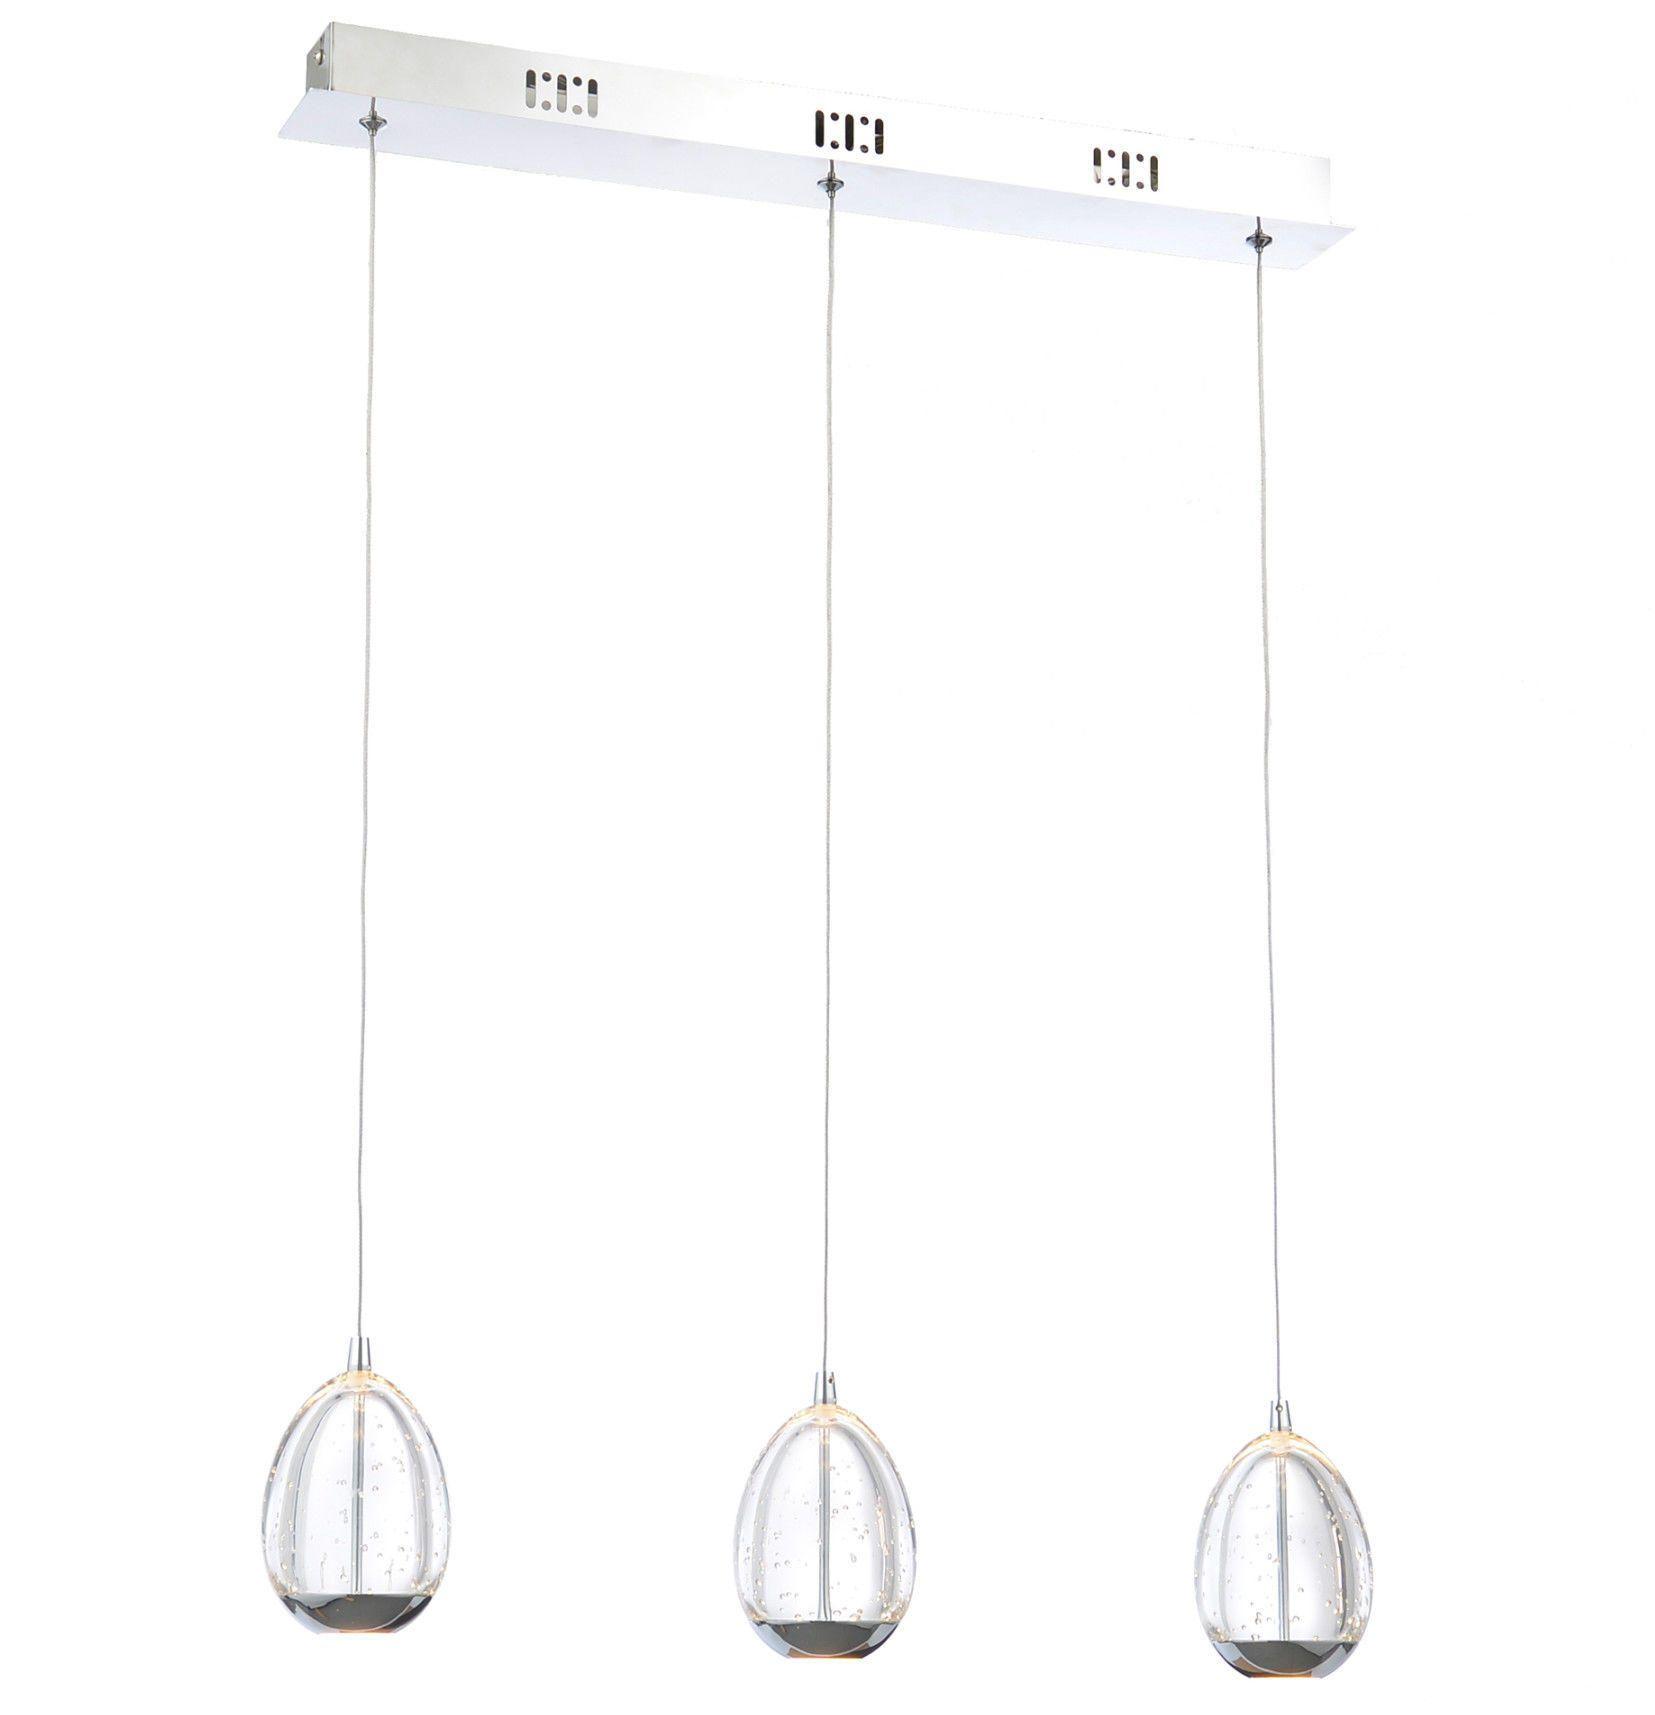 C01-LC2156-egg-3-light-bar-ceiling-light-chrome